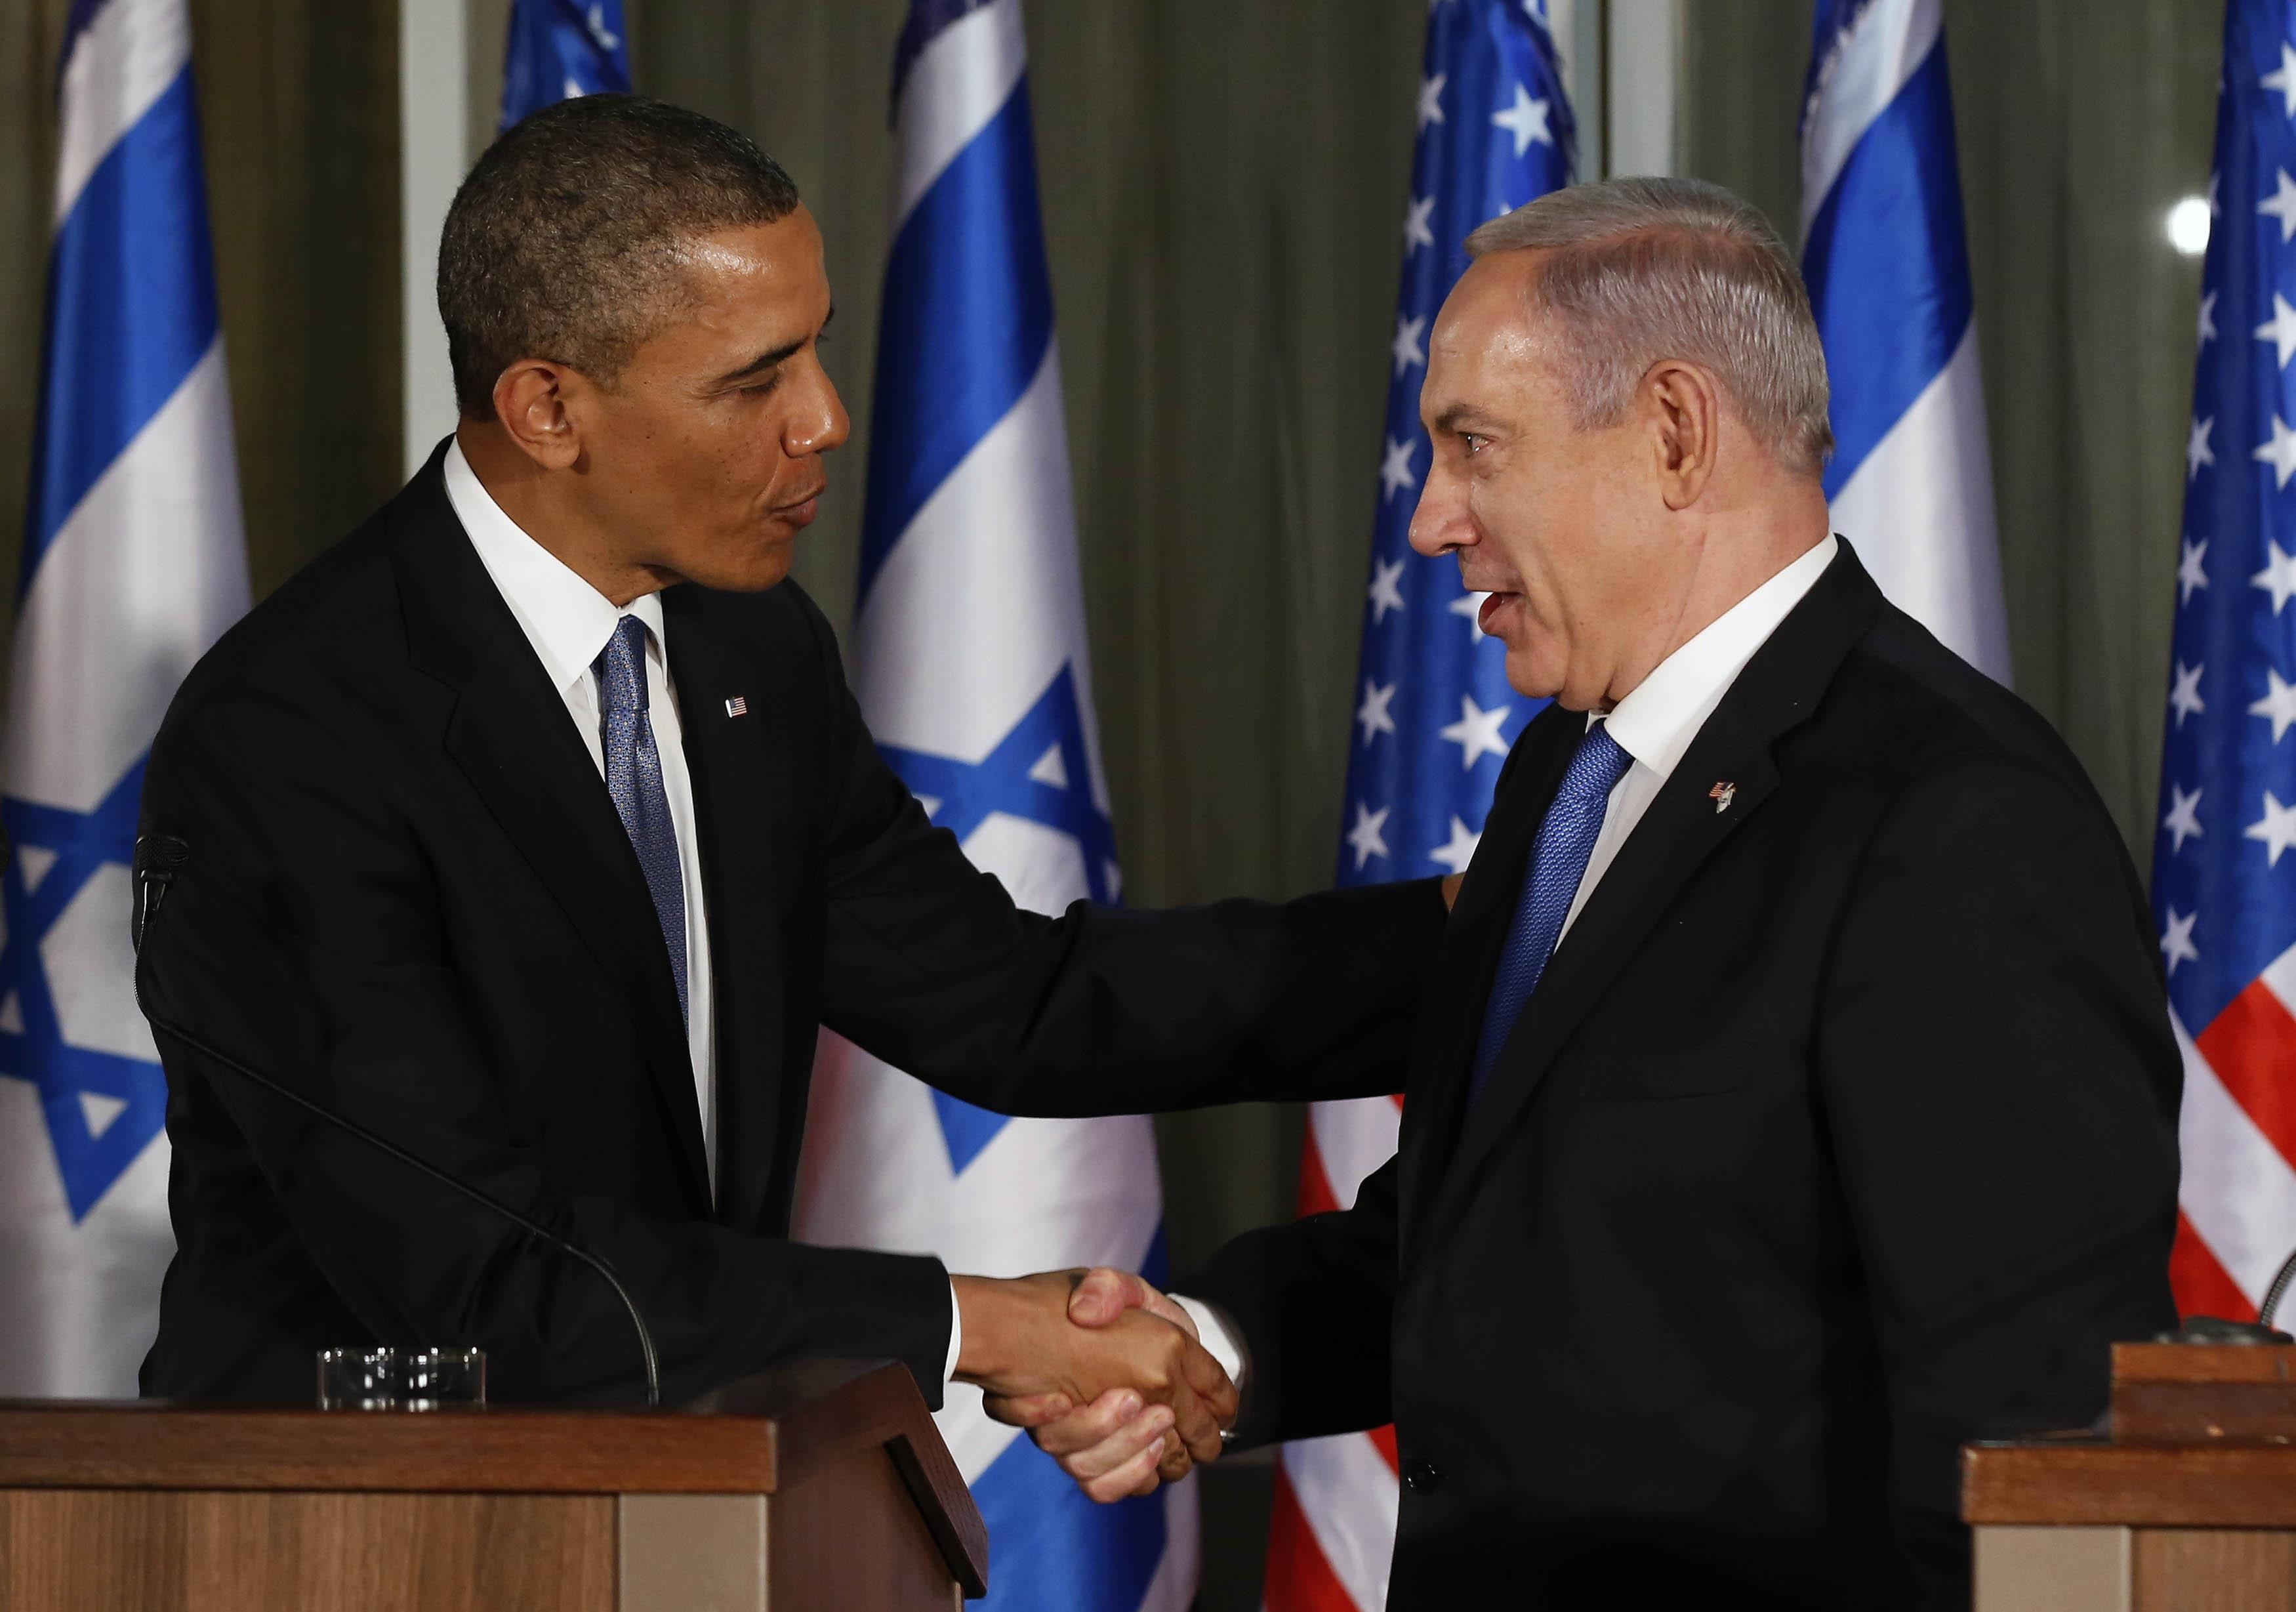 EE.UU. – Israel – Abundancia de amistad –  Por Mayor General (ret.) Yaakov Amidror